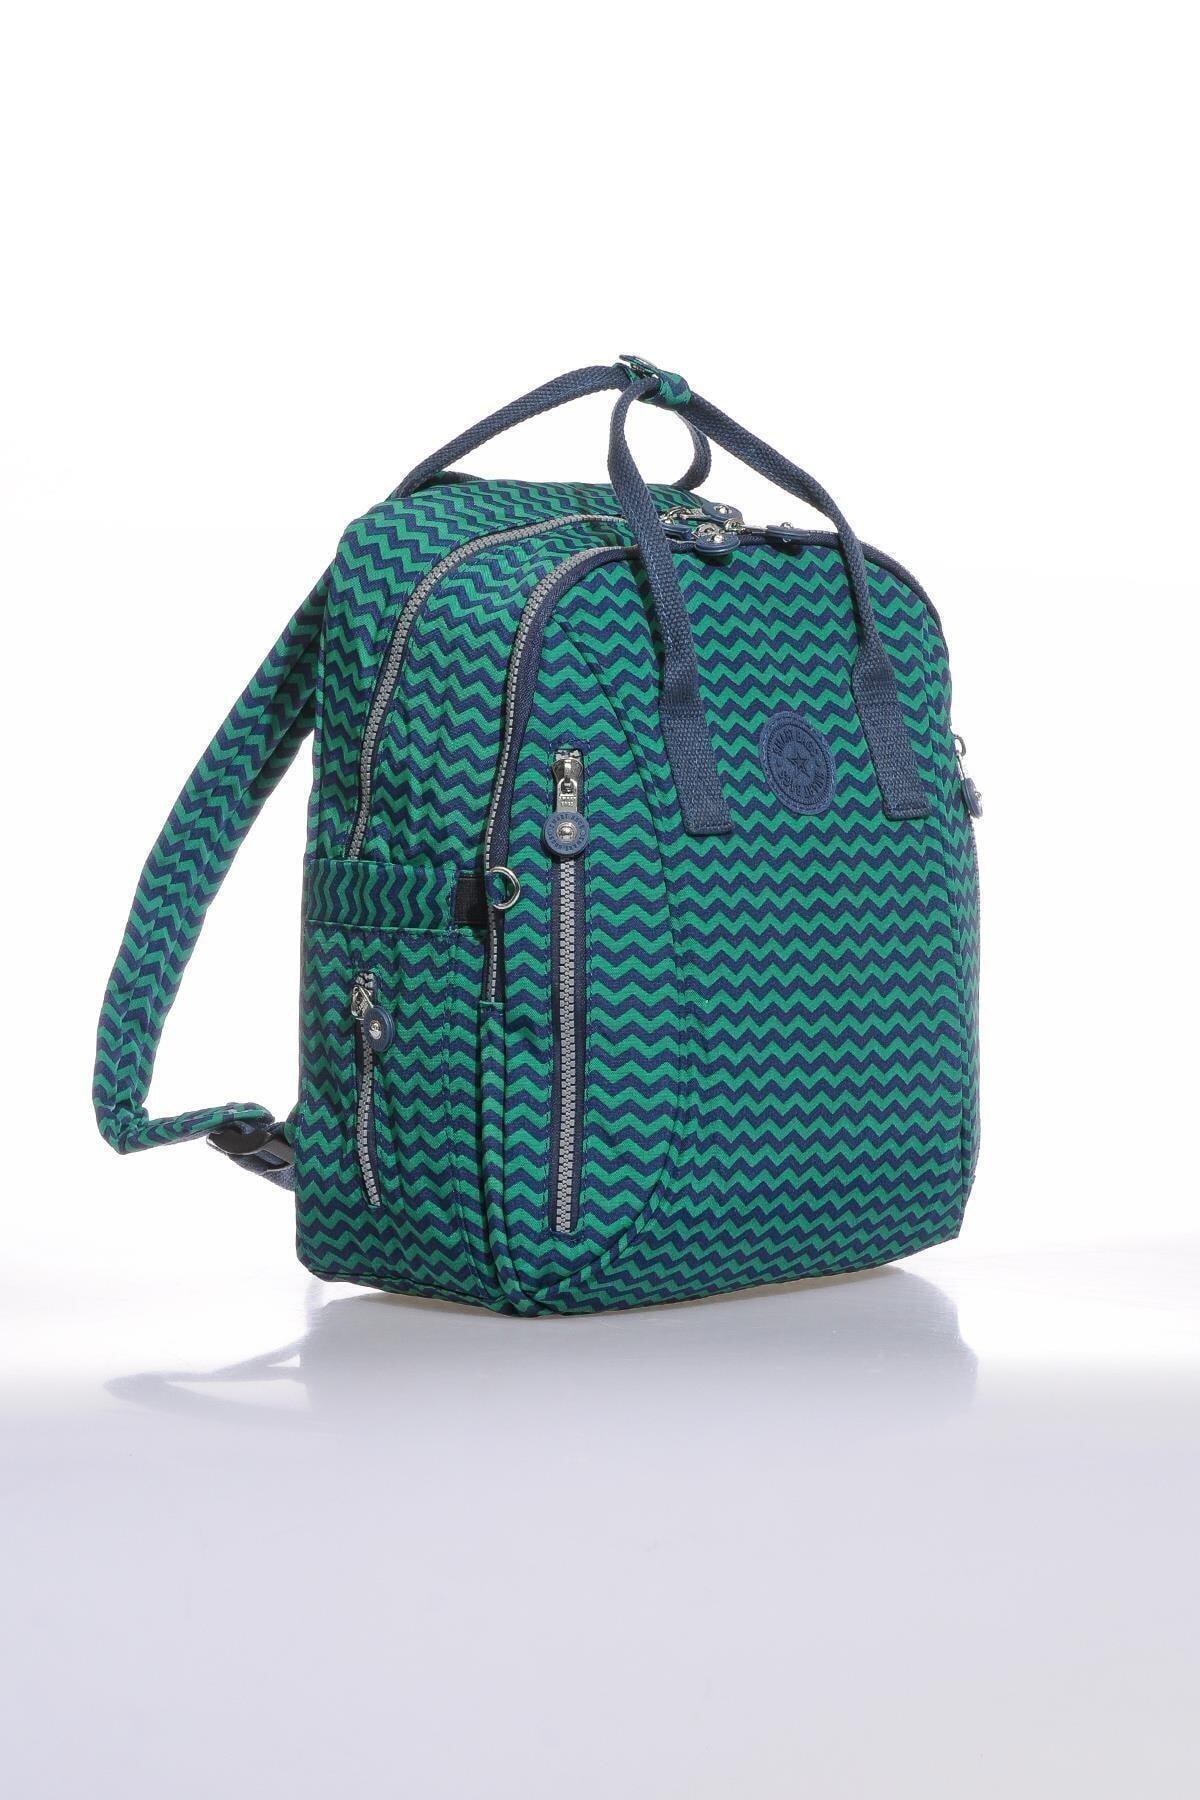 SMART BAGS Kadın Lacivert Yeşil Smb1220-0066 Sırt Çantası 2